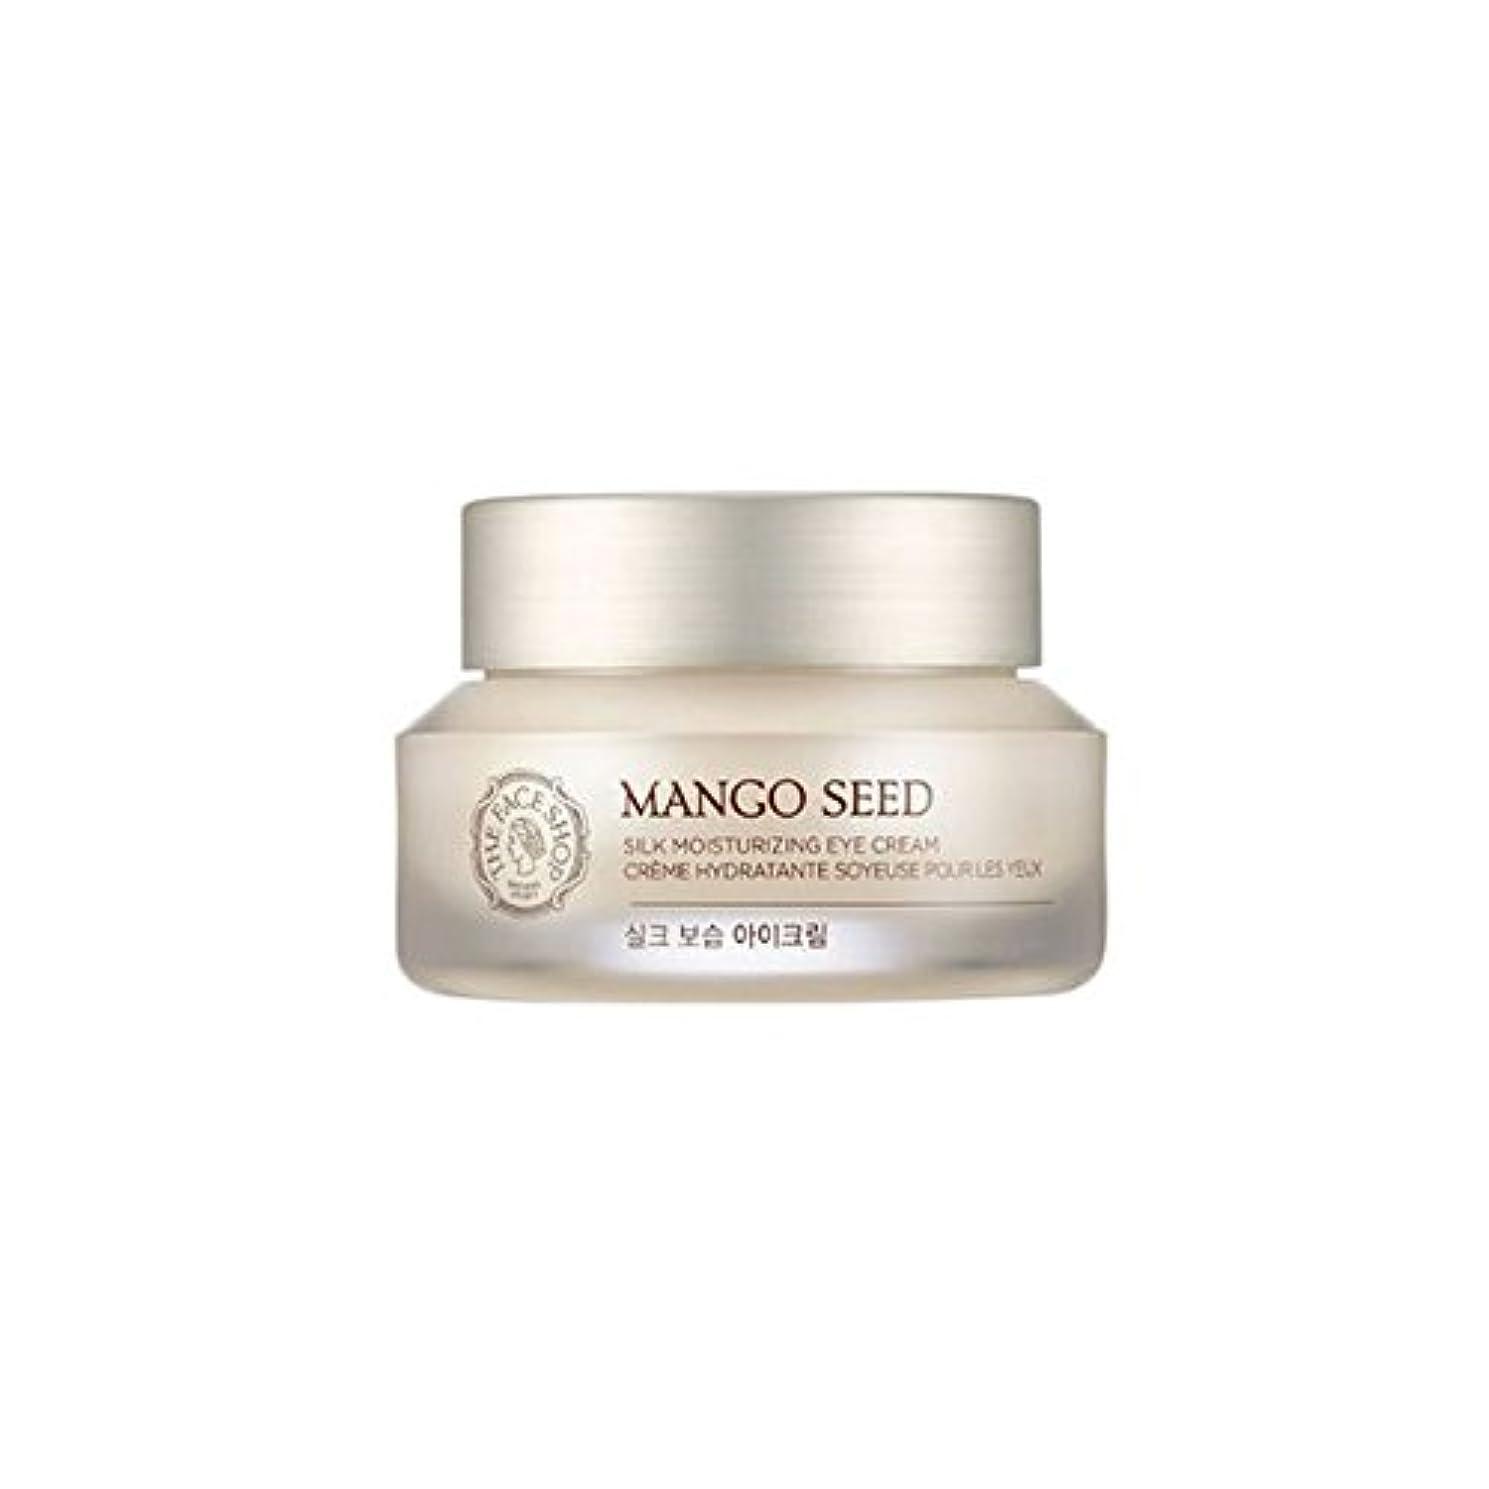 植生に勝るスイング[ザフェイスショップ] THE FACE SHOP マンゴシードシルク保湿アイクリーム (30ml) The Face Shop Mango Seed Silk Moisturizing Eye Cream(30ml) [海外直送品]